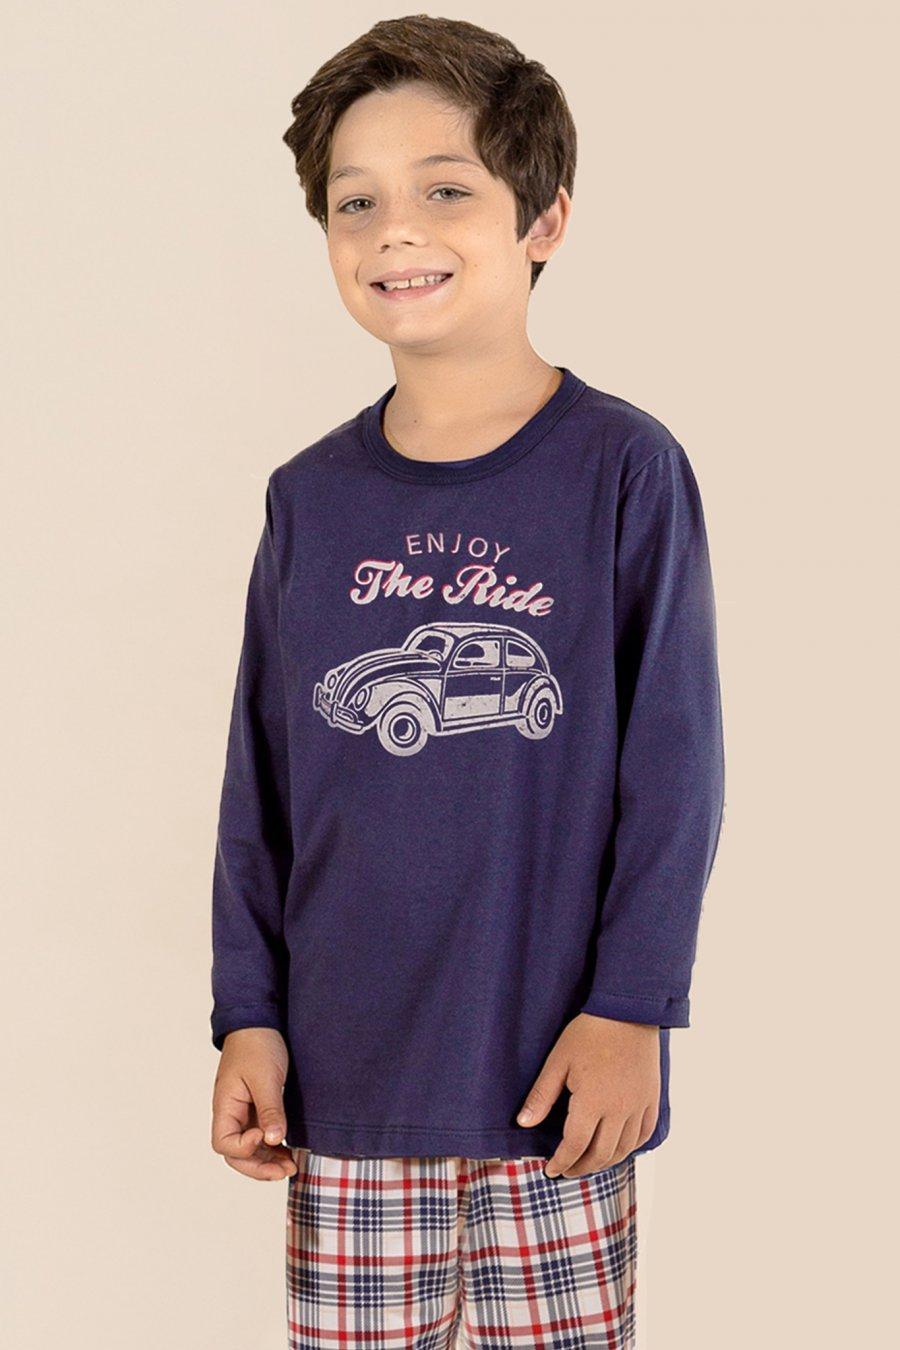 PROMO Pijama Infantil 1/2 Malha Fusca Mensageira da Paz Inverno